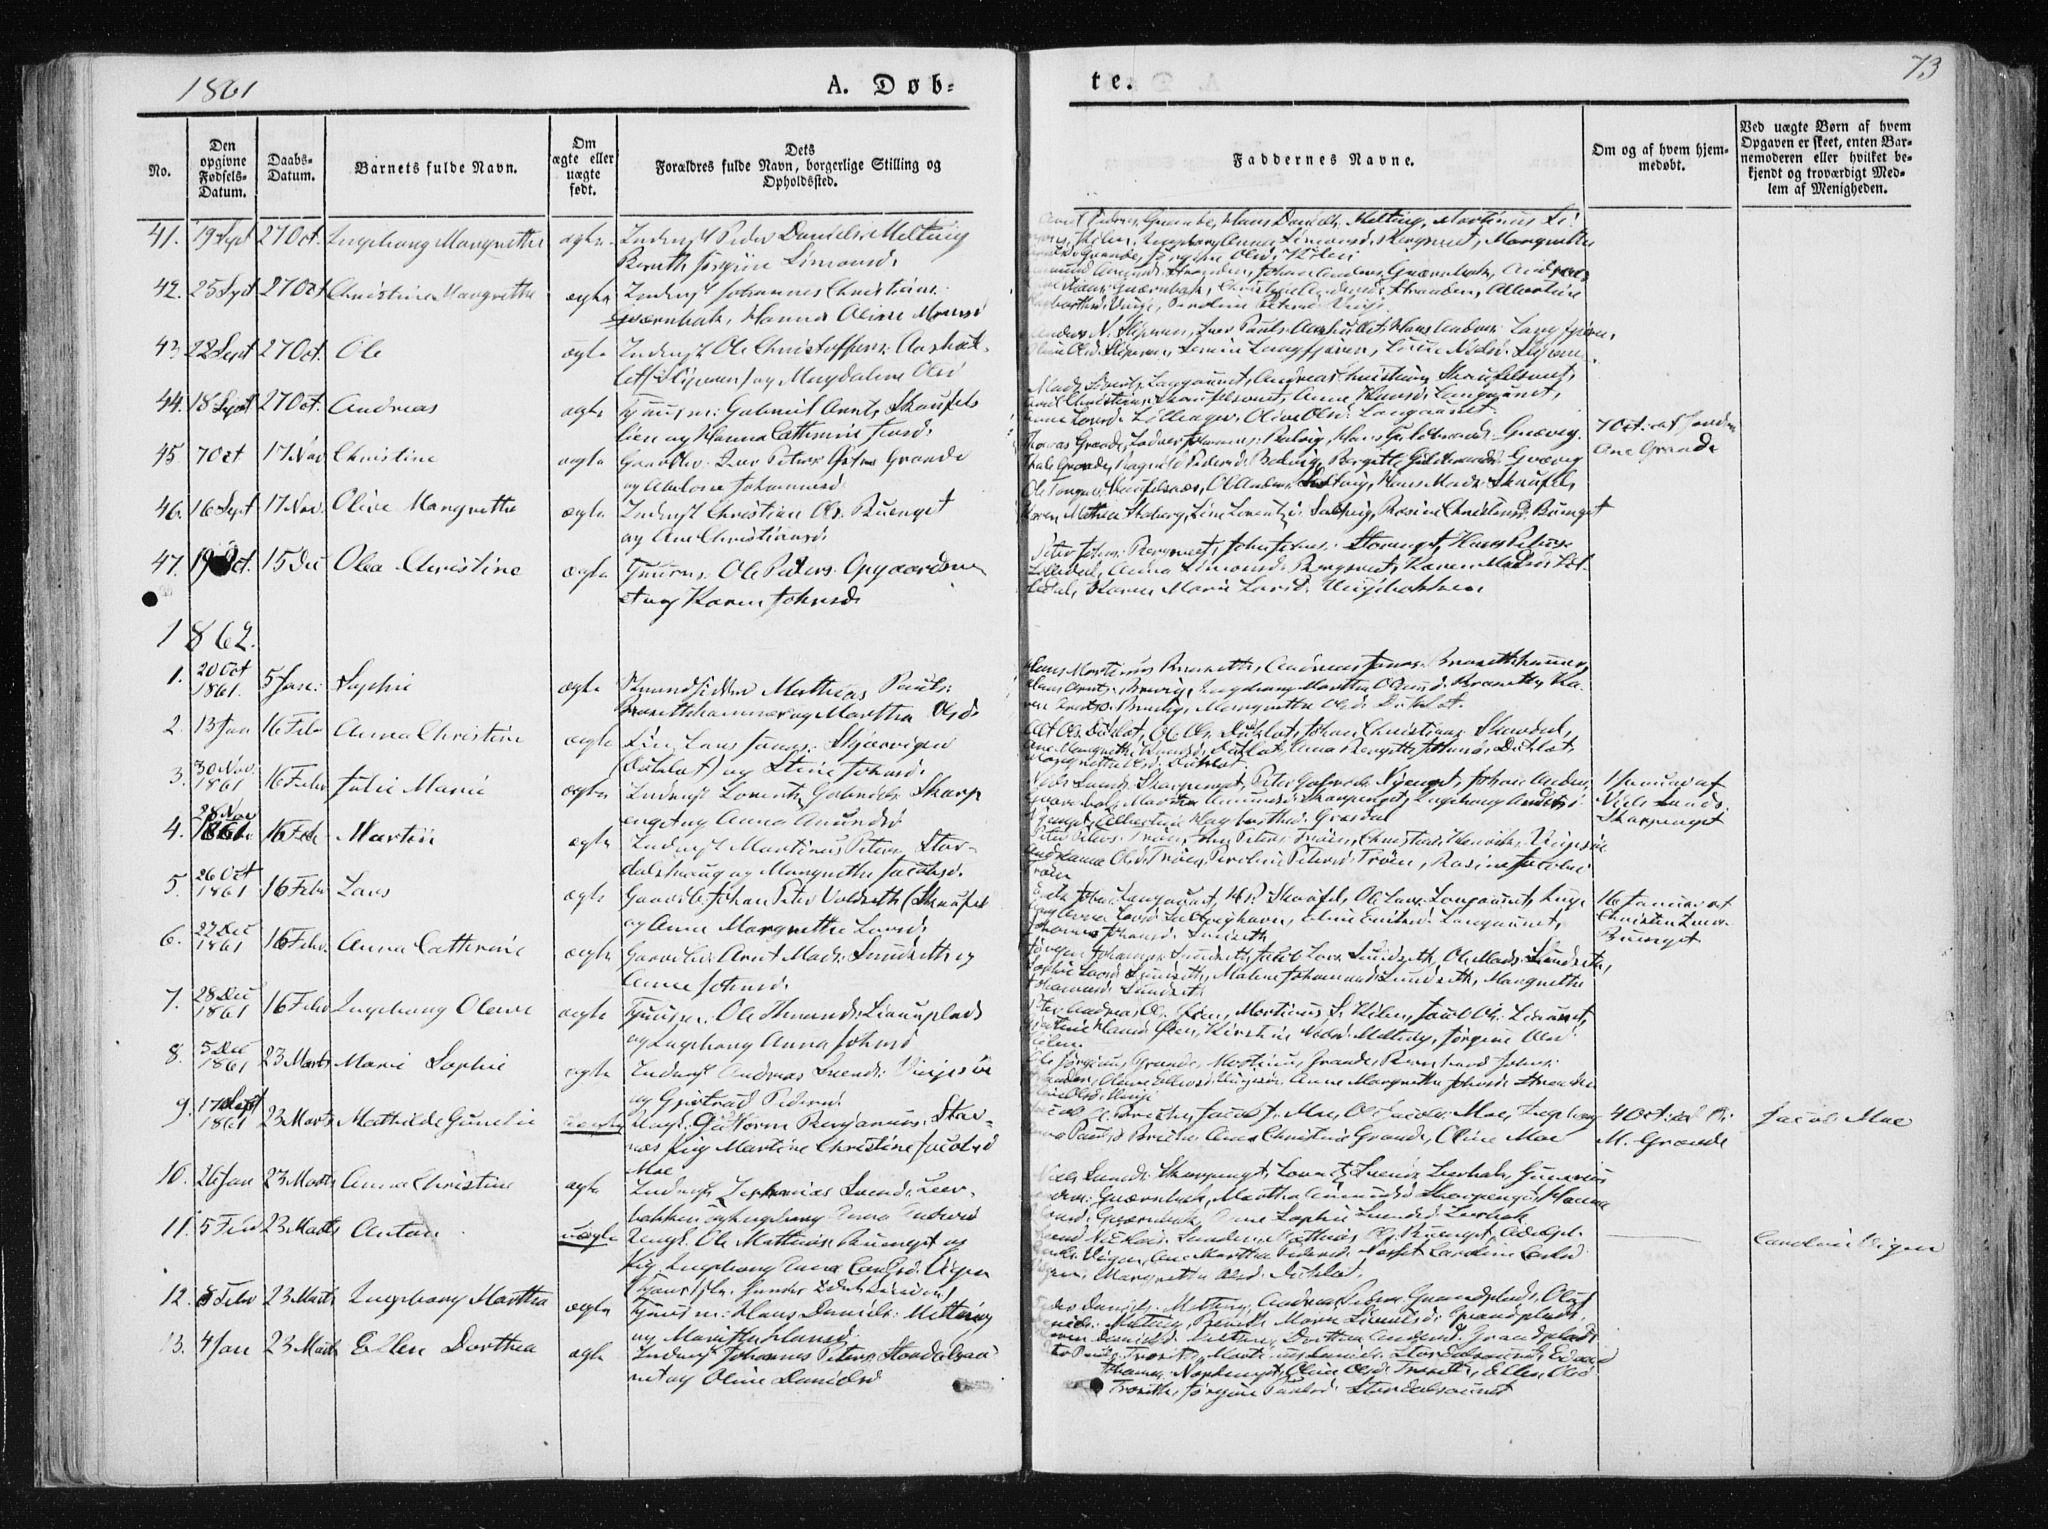 SAT, Ministerialprotokoller, klokkerbøker og fødselsregistre - Nord-Trøndelag, 733/L0323: Ministerialbok nr. 733A02, 1843-1870, s. 73